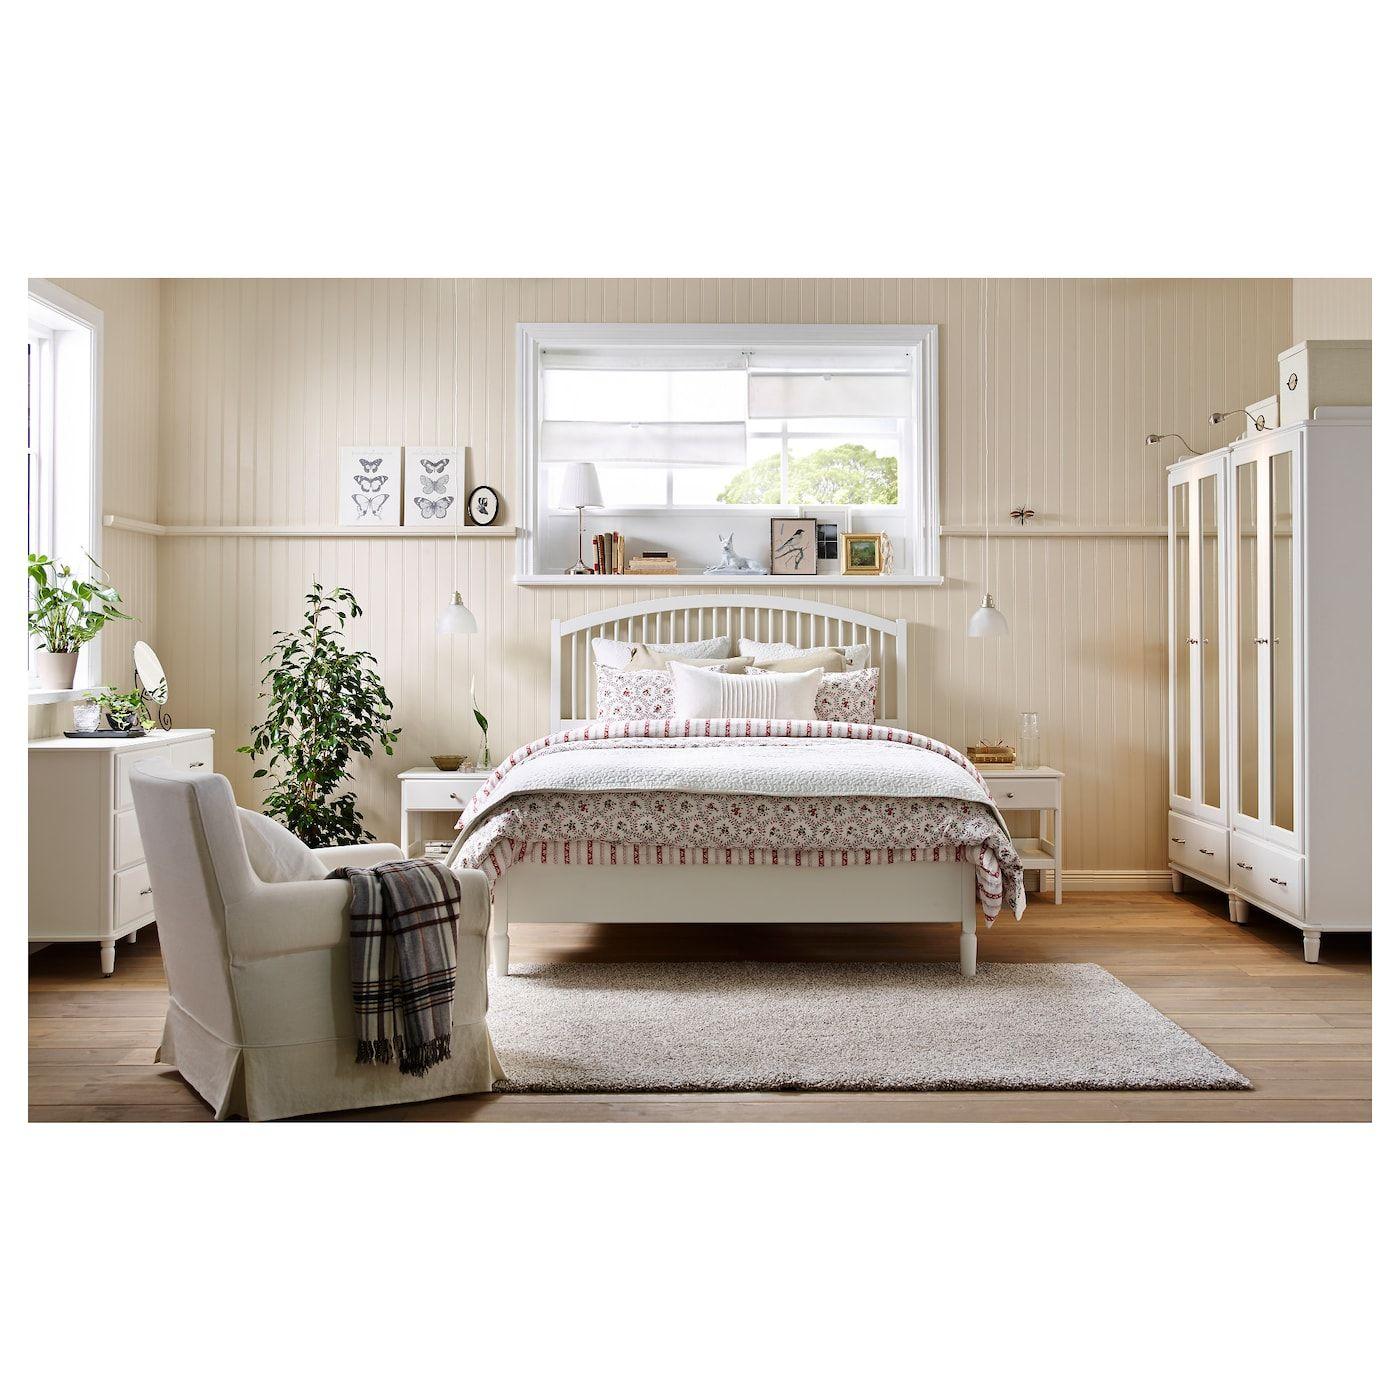 Tyssedal Bed Frame White Espevar Ikea Small Room Ikea Ikea Bedroom Sets Furniture